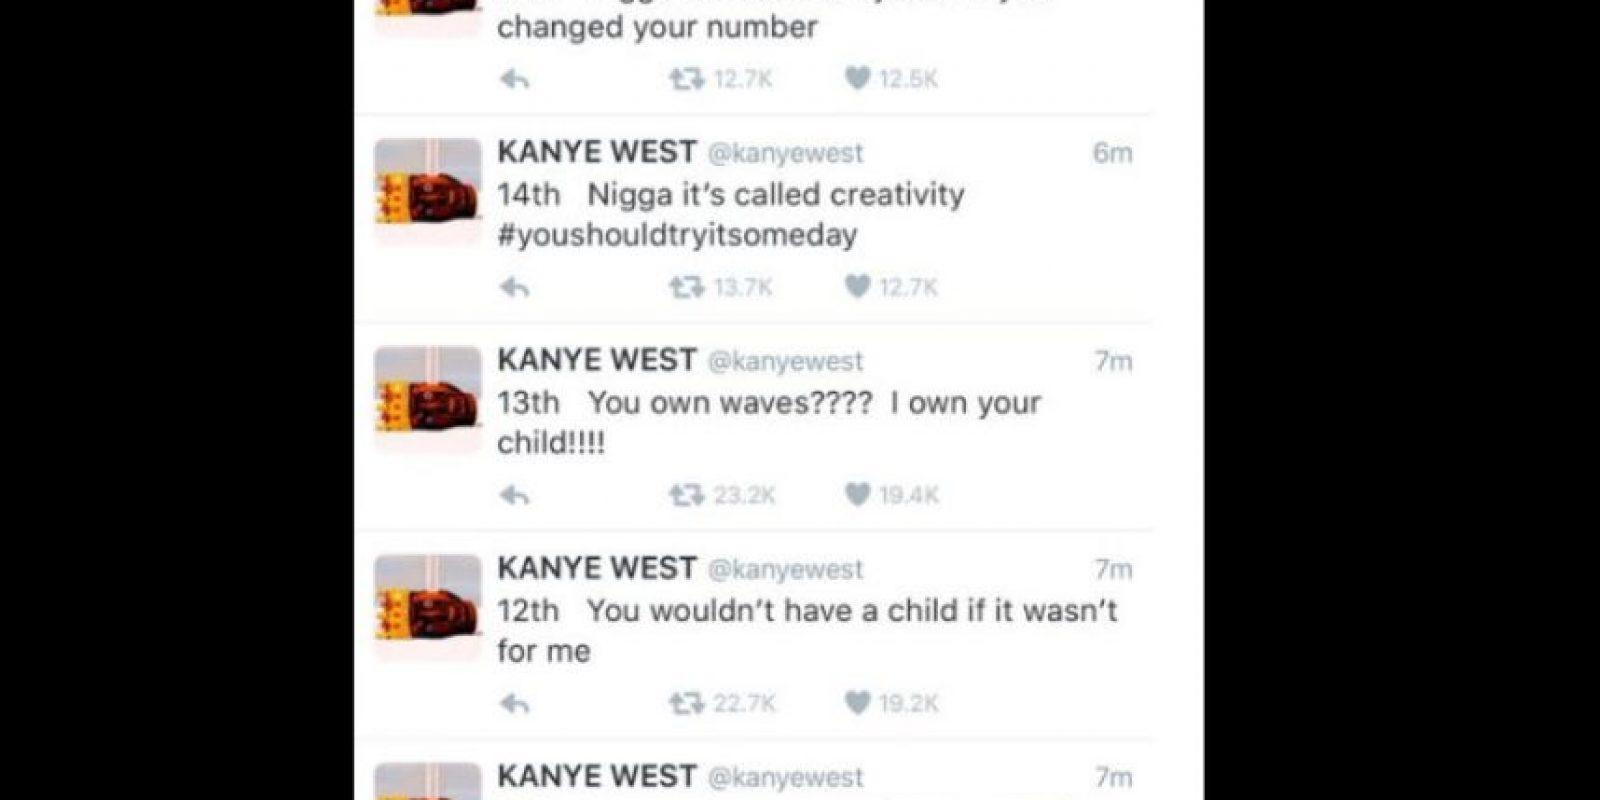 """West perdió el control y le dijo que si no fuera por él, Amber Rose no habría tenido a su hijo (entre otras cosas la llamó stripper). También habló de sus pantalones, para terminar diciendo que interrumpió """"su proceso creativo"""". Foto:vía Twitter"""